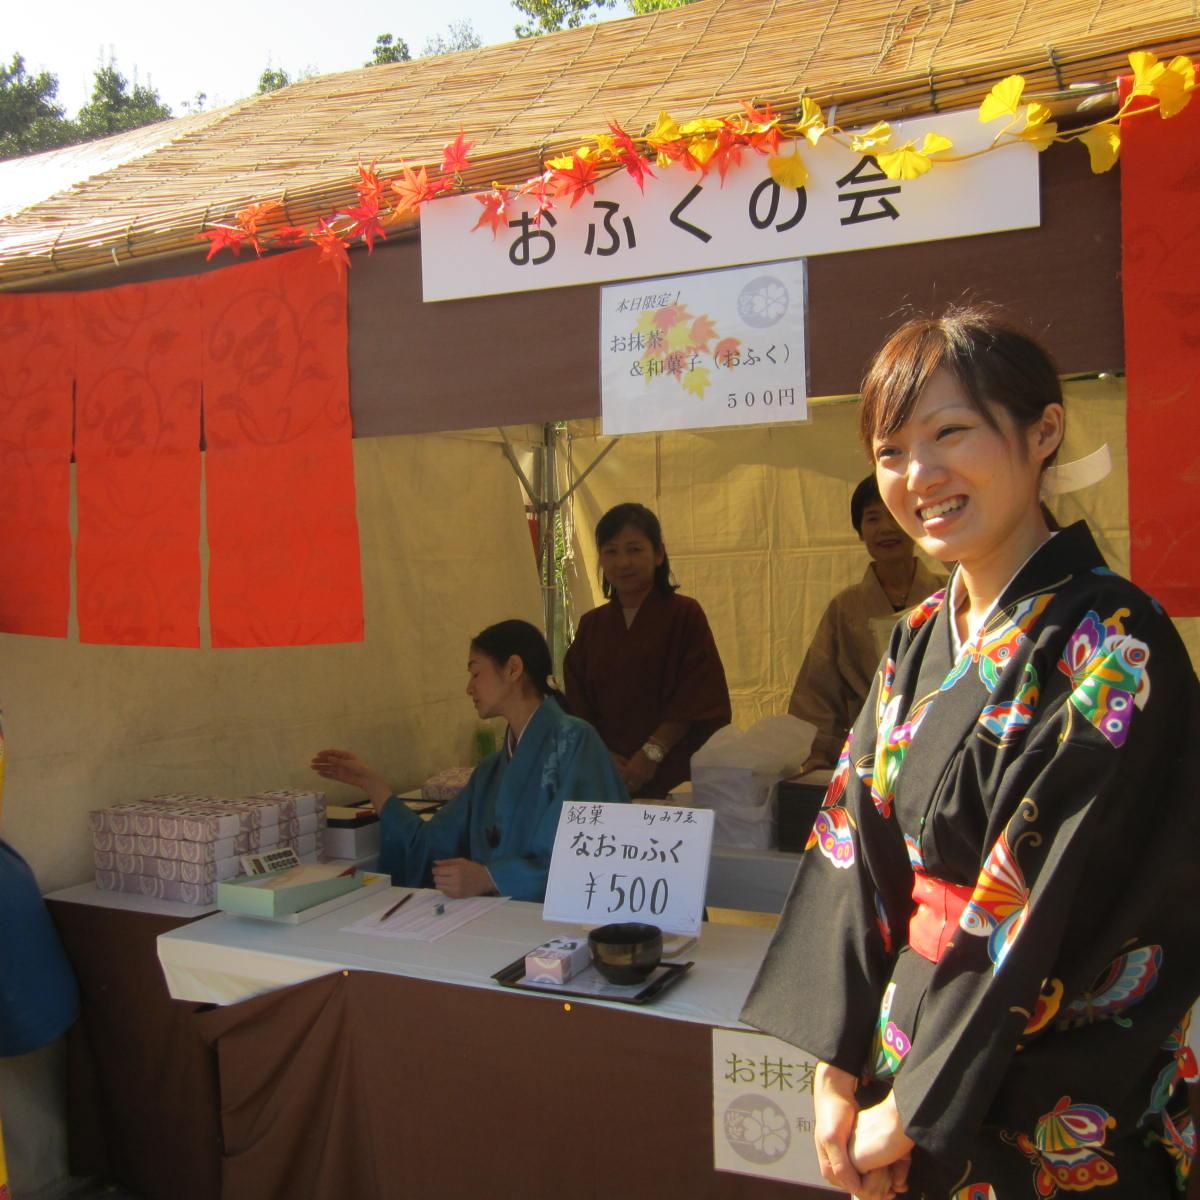 第5回宇喜フェス☆ おふく茶屋 出店しました!_d0179392_1929449.jpg